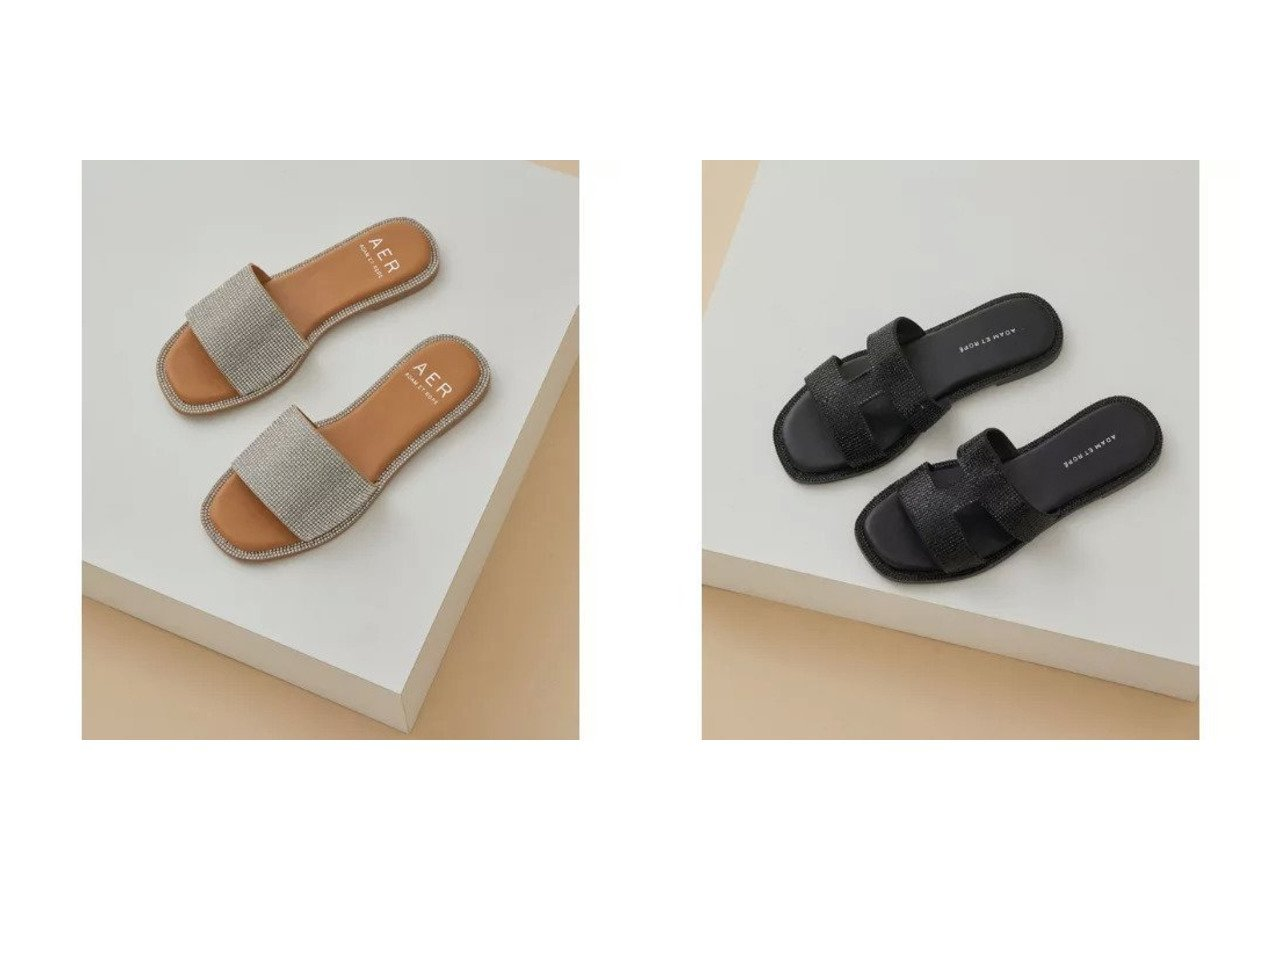 【ADAM ET ROPE'/アダム エ ロペ】の【WEB限定】ラインストーンサンダル&Iストラップラインストーンサンダル シューズ・靴のおすすめ!人気、トレンド・レディースファッションの通販 おすすめで人気の流行・トレンド、ファッションの通販商品 メンズファッション・キッズファッション・インテリア・家具・レディースファッション・服の通販 founy(ファニー) https://founy.com/ ファッション Fashion レディースファッション WOMEN 春 Spring サンダル シューズ シルバー シンプル ジュエリー ストーン 人気 フラット リゾート リラックス 2021年 2021 S/S 春夏 SS Spring/Summer 2021 春夏 S/S SS Spring/Summer 2021 おすすめ Recommend |ID:crp329100000023325